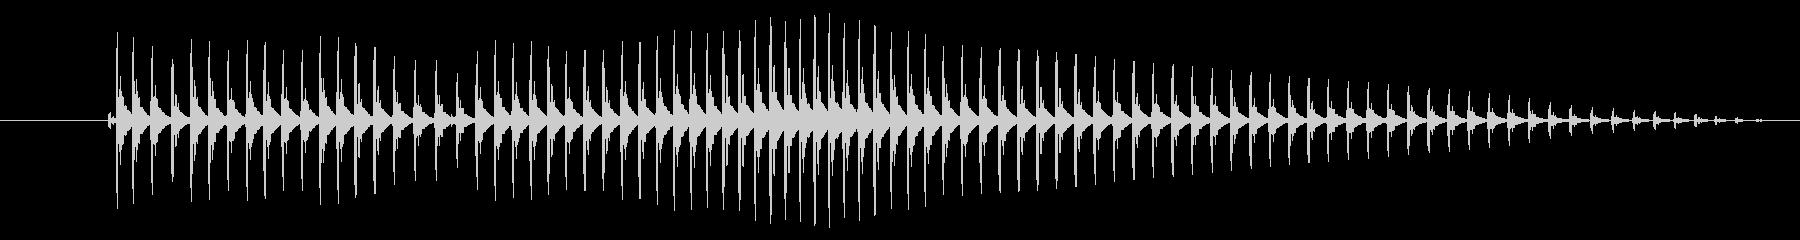 空腹02-4の未再生の波形